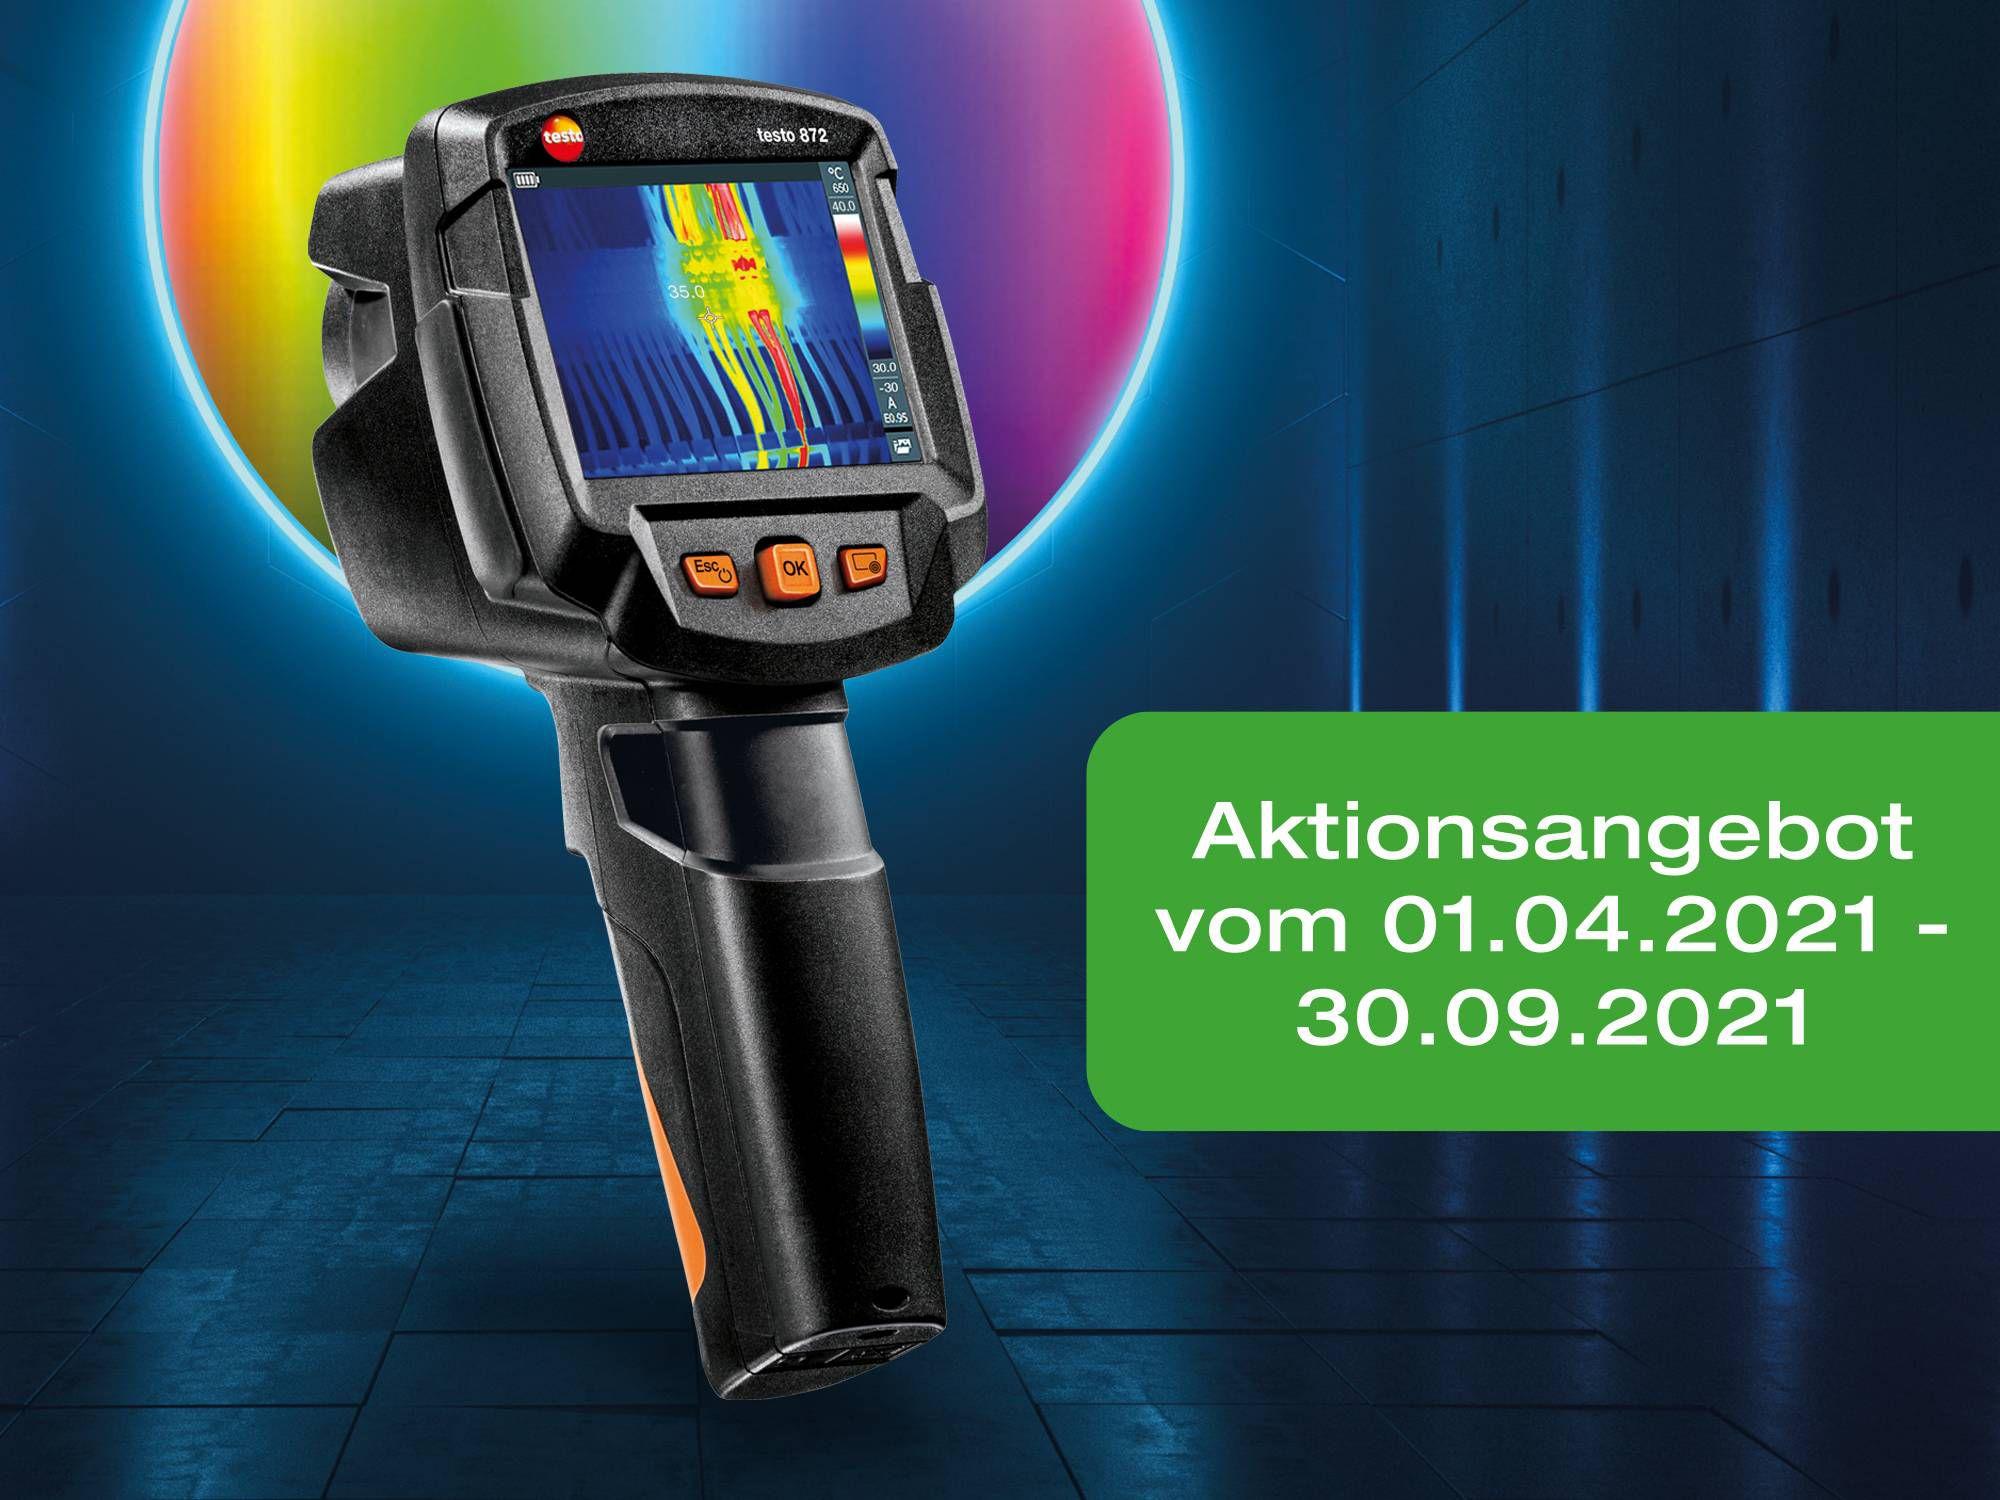 testo 872 Smarte Thermografie mit höchster Bildqualität.